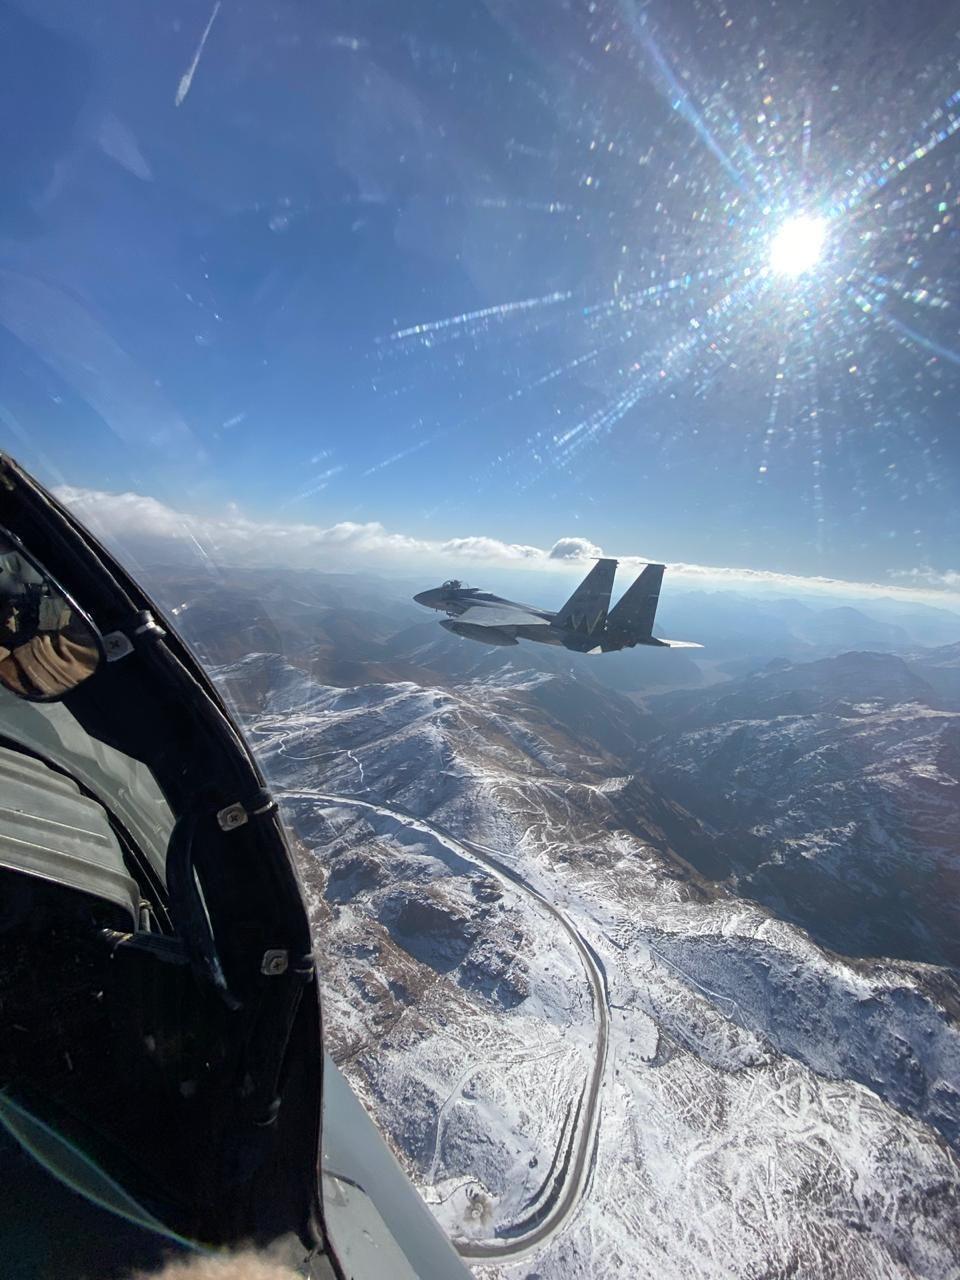 جبل اللوز تبوك January 2020 Saudi Arabia In 2020 Airplane View